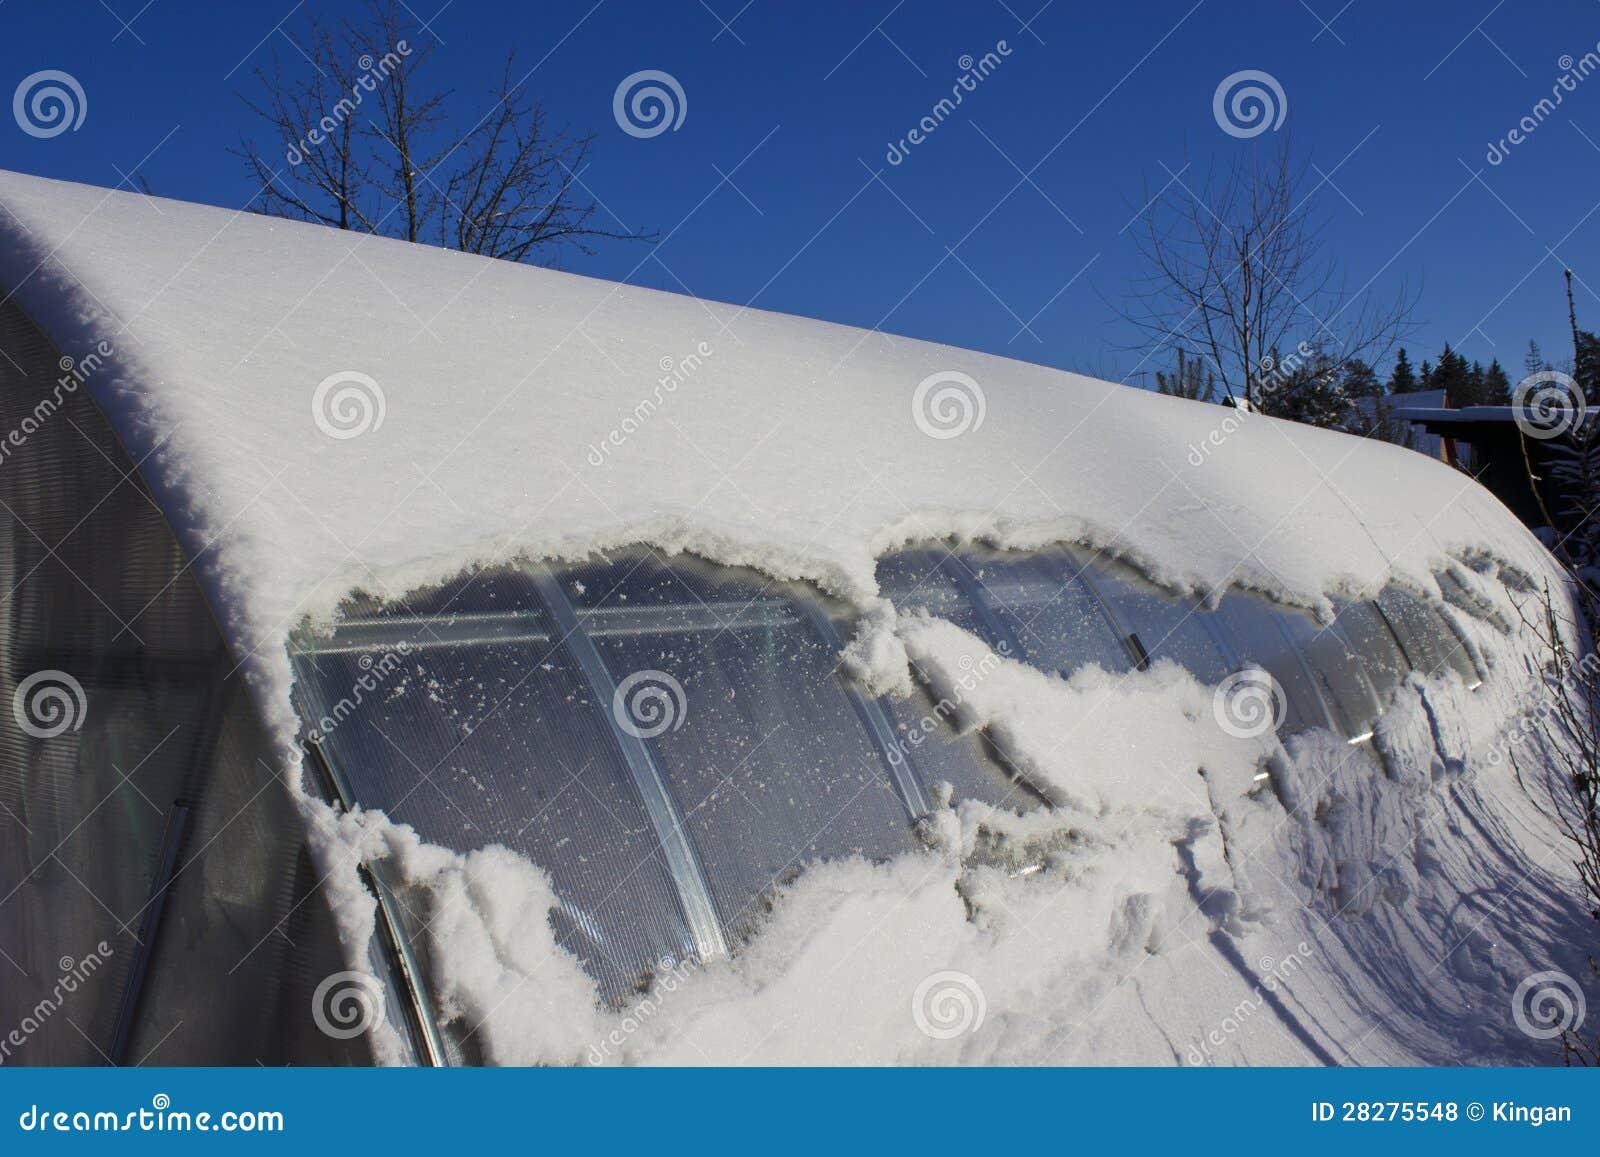 Gewachshaus Unter Dem Schnee Am Winter Stockfoto Bild Von Klima